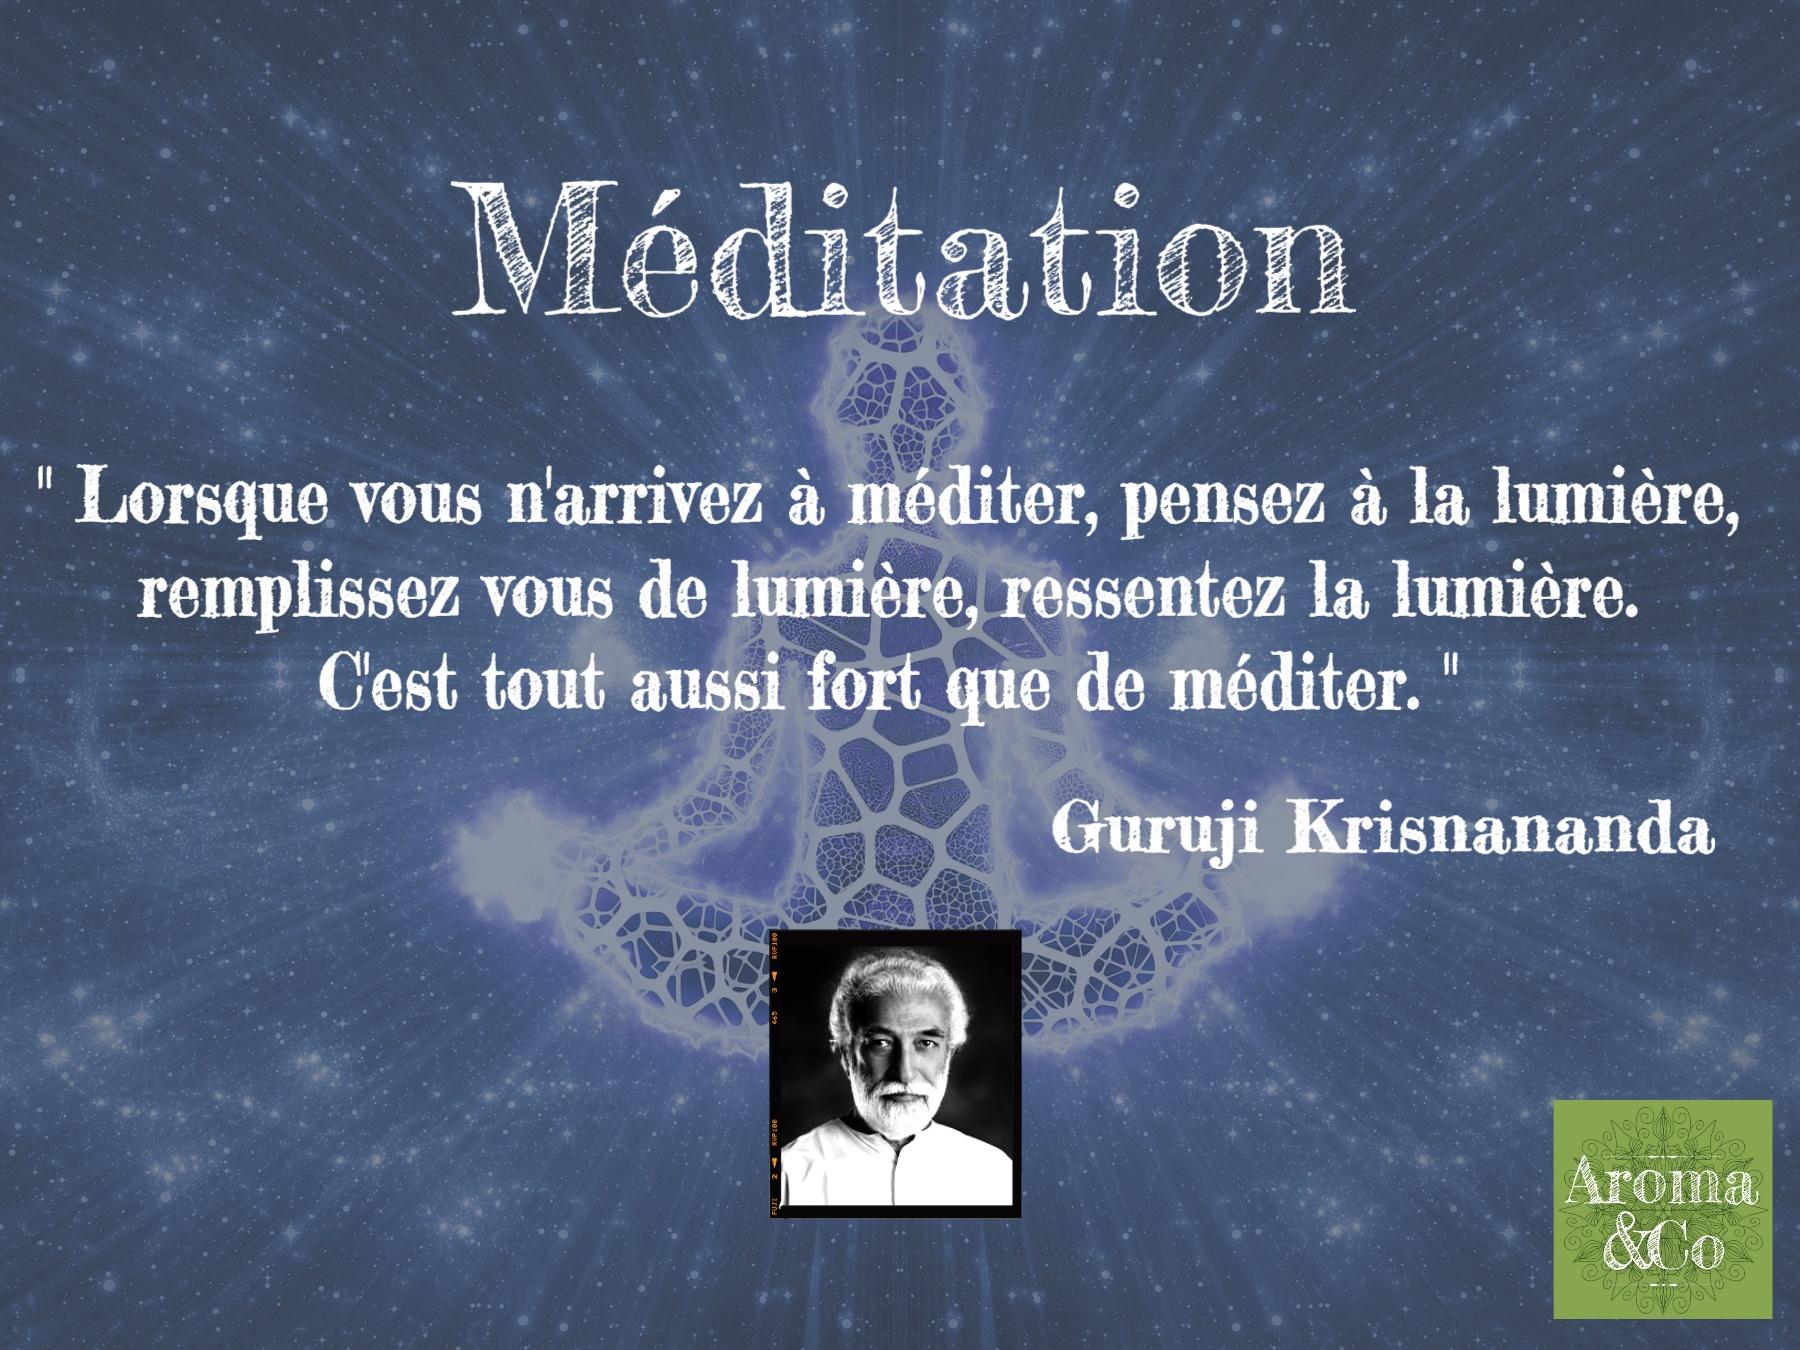 """Phrases de Guruji Krisnananda""""Lorsque vous n'arrivez à méditer, pensez à la lumière, remplissez vous de lumière, ressentez la lumière. C'est tout aussi fort que de méditer. """""""